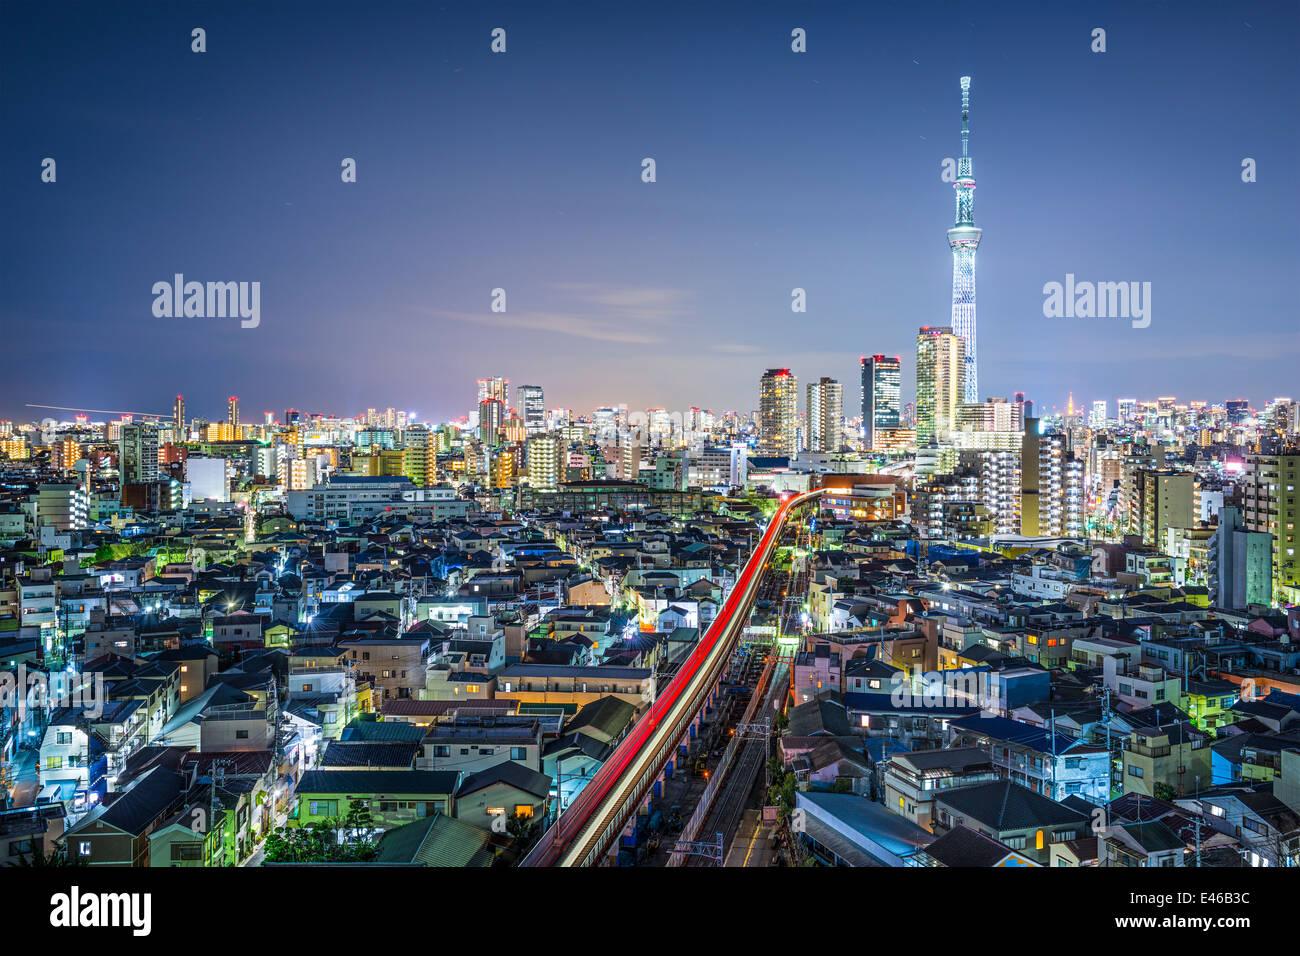 Tokio, Japón, el paisaje urbano con la Skytree. Imagen De Stock